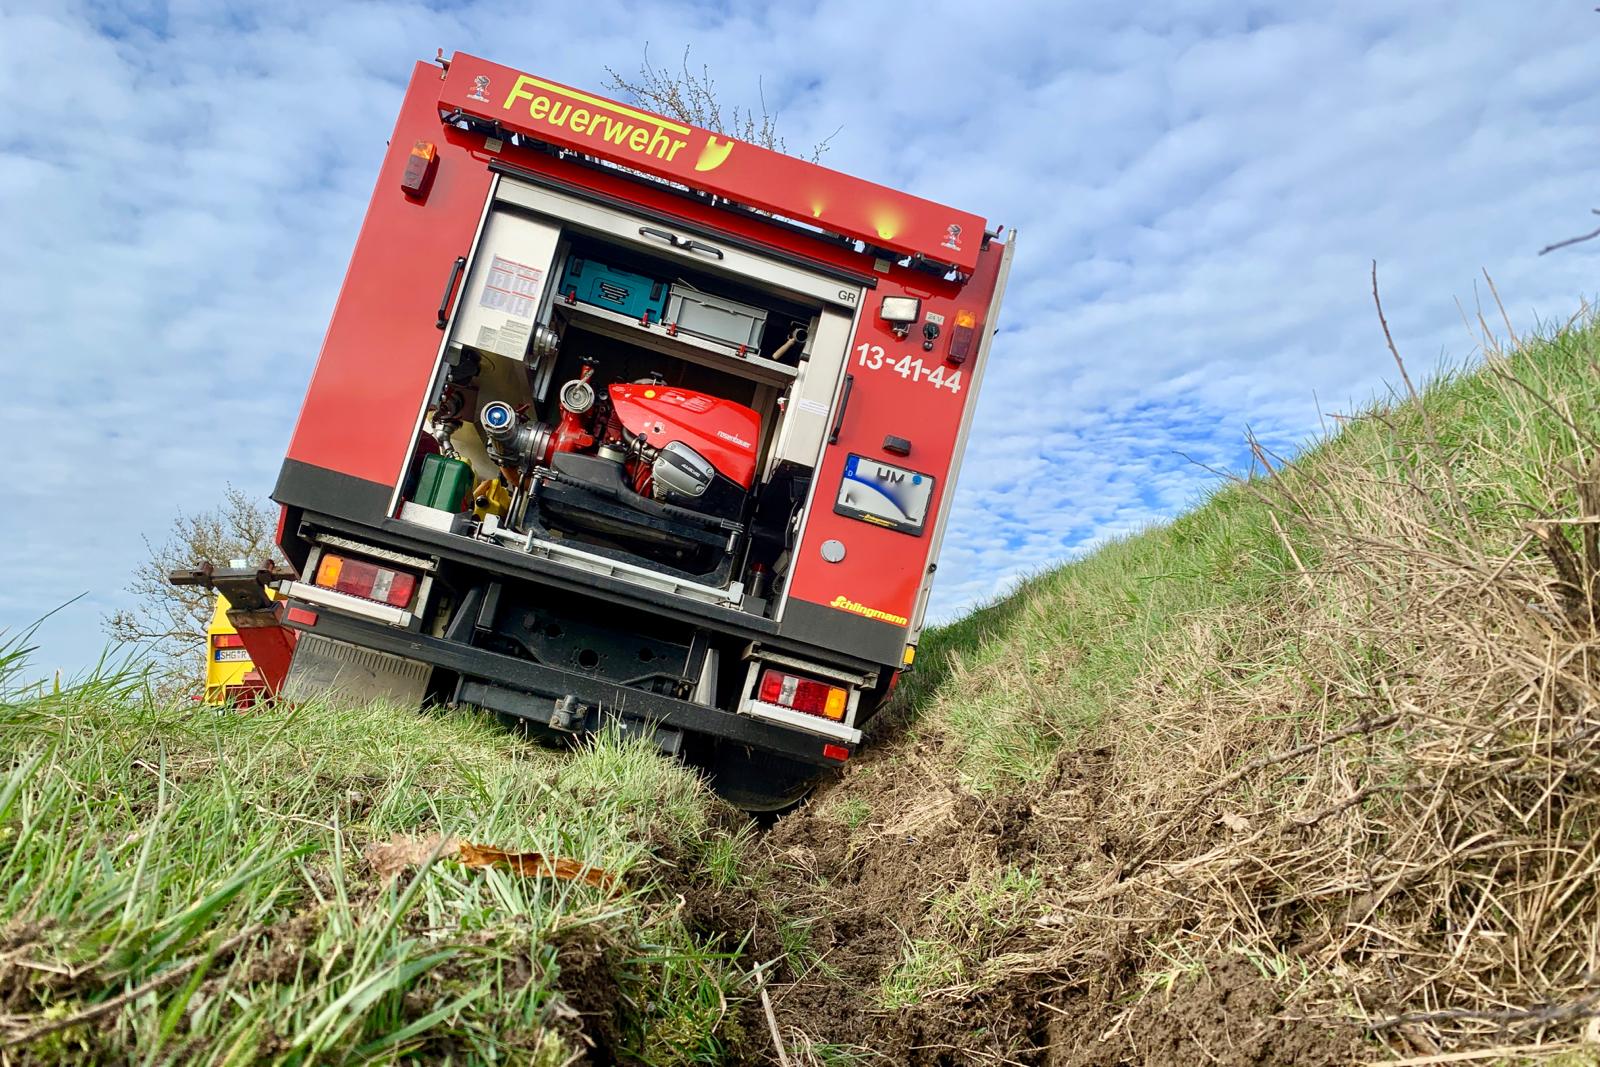 Löschfahrzeug im Graben nach Unfall bei Alarmfahrt